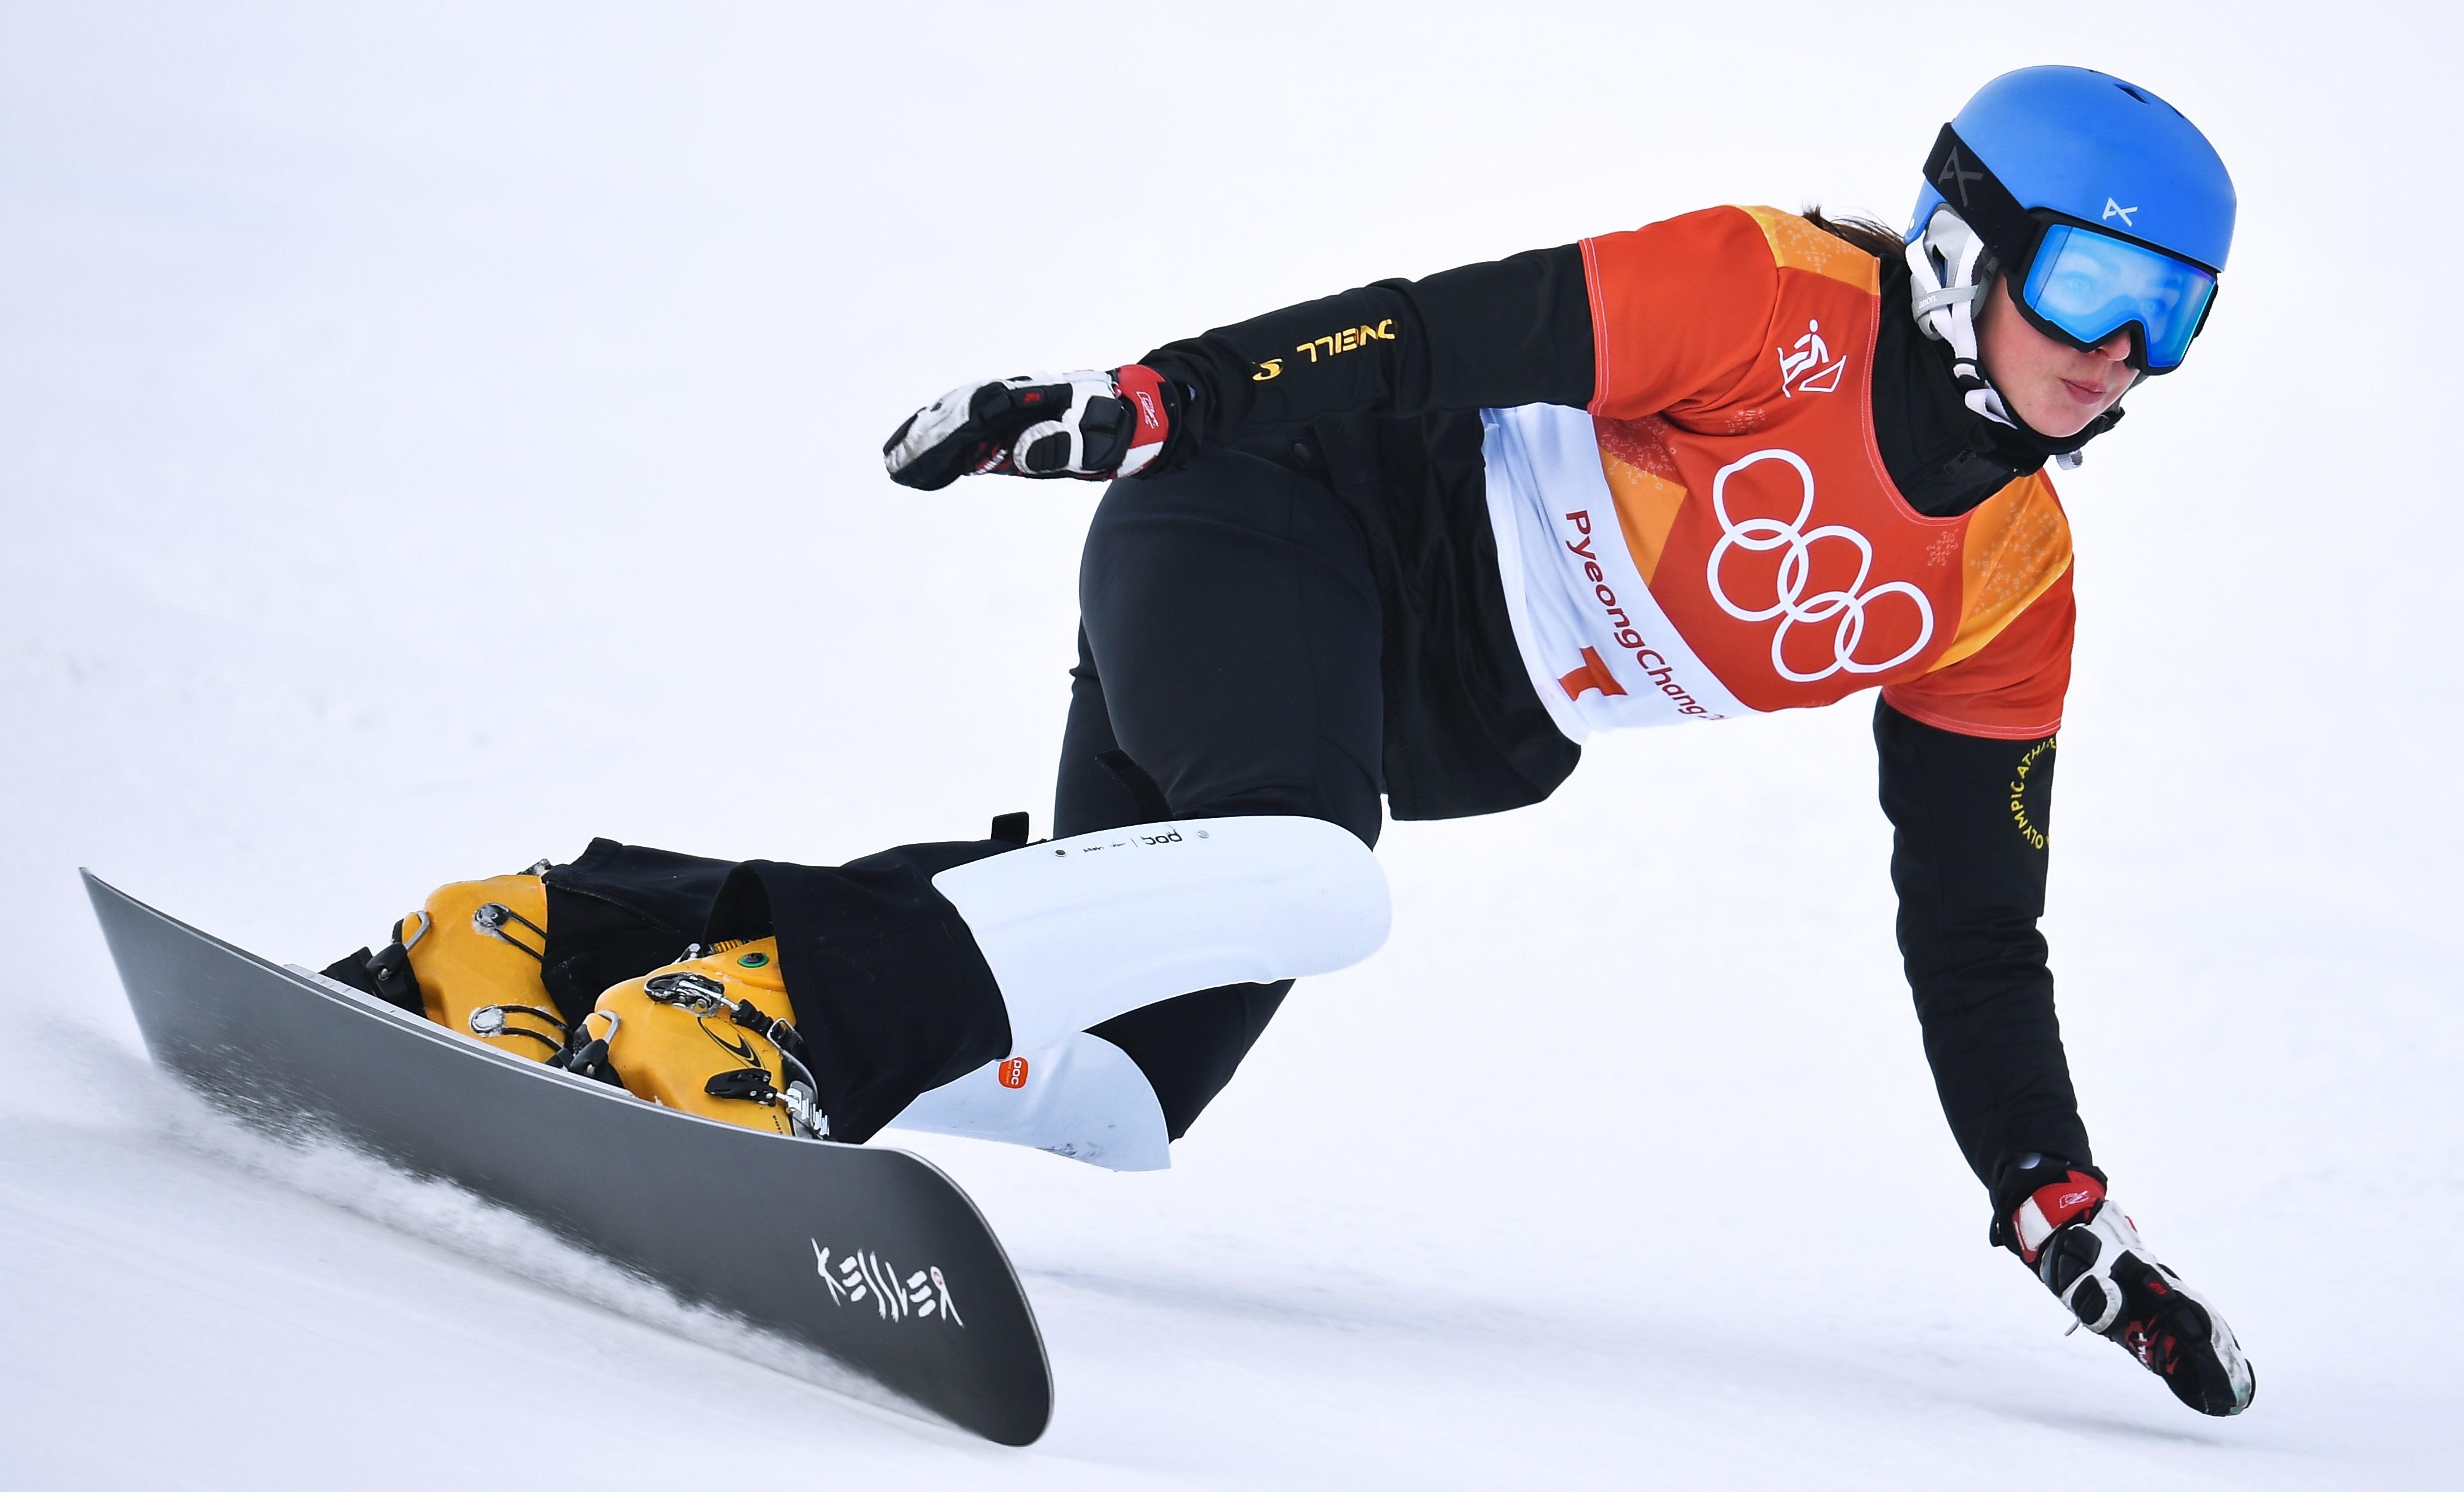 Российская сноубордистка Алёна Заварзина в финале стала четвёртой. Фото: РИА Новости/Владимир Астапкович